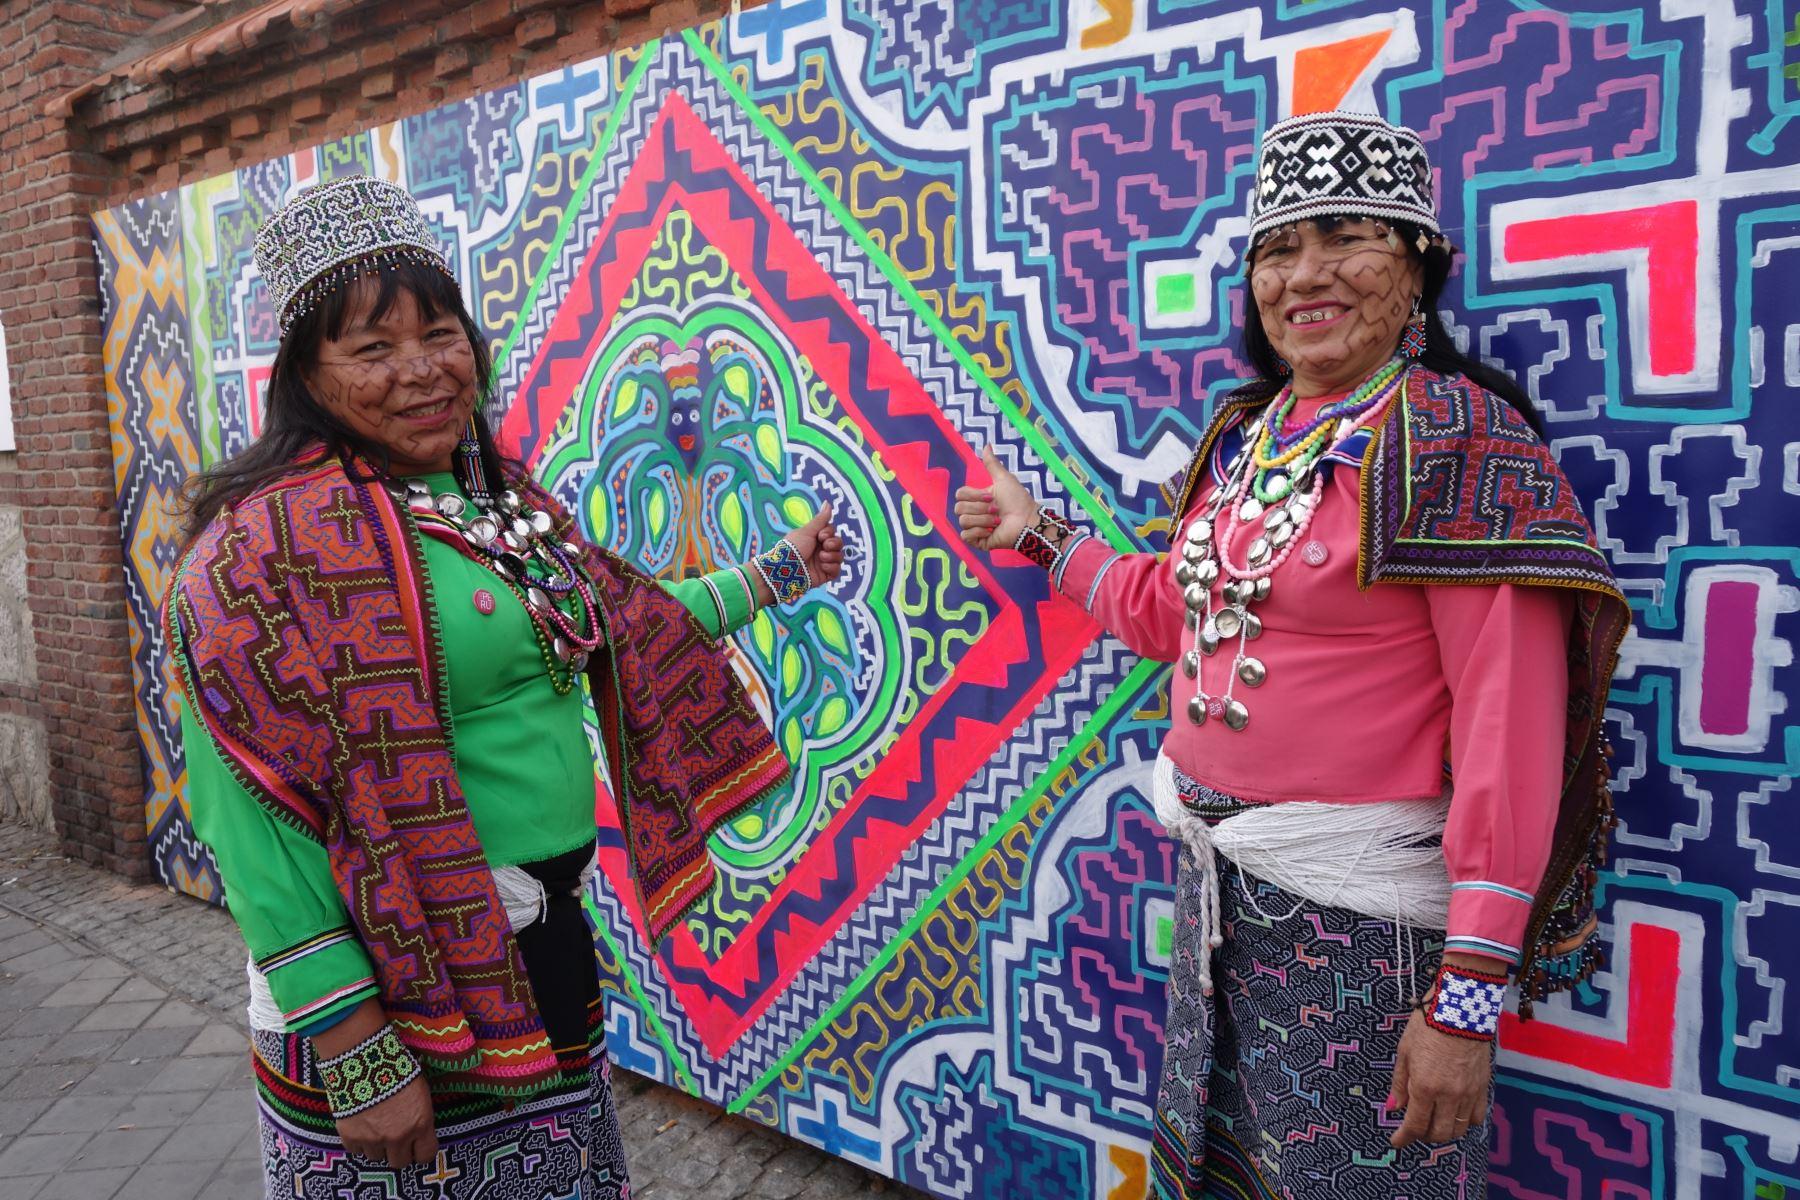 Silvia Ricopa y Olinda Silvano muestran el mural de arte kené shipo-konibo que elaboraron en Madrid.